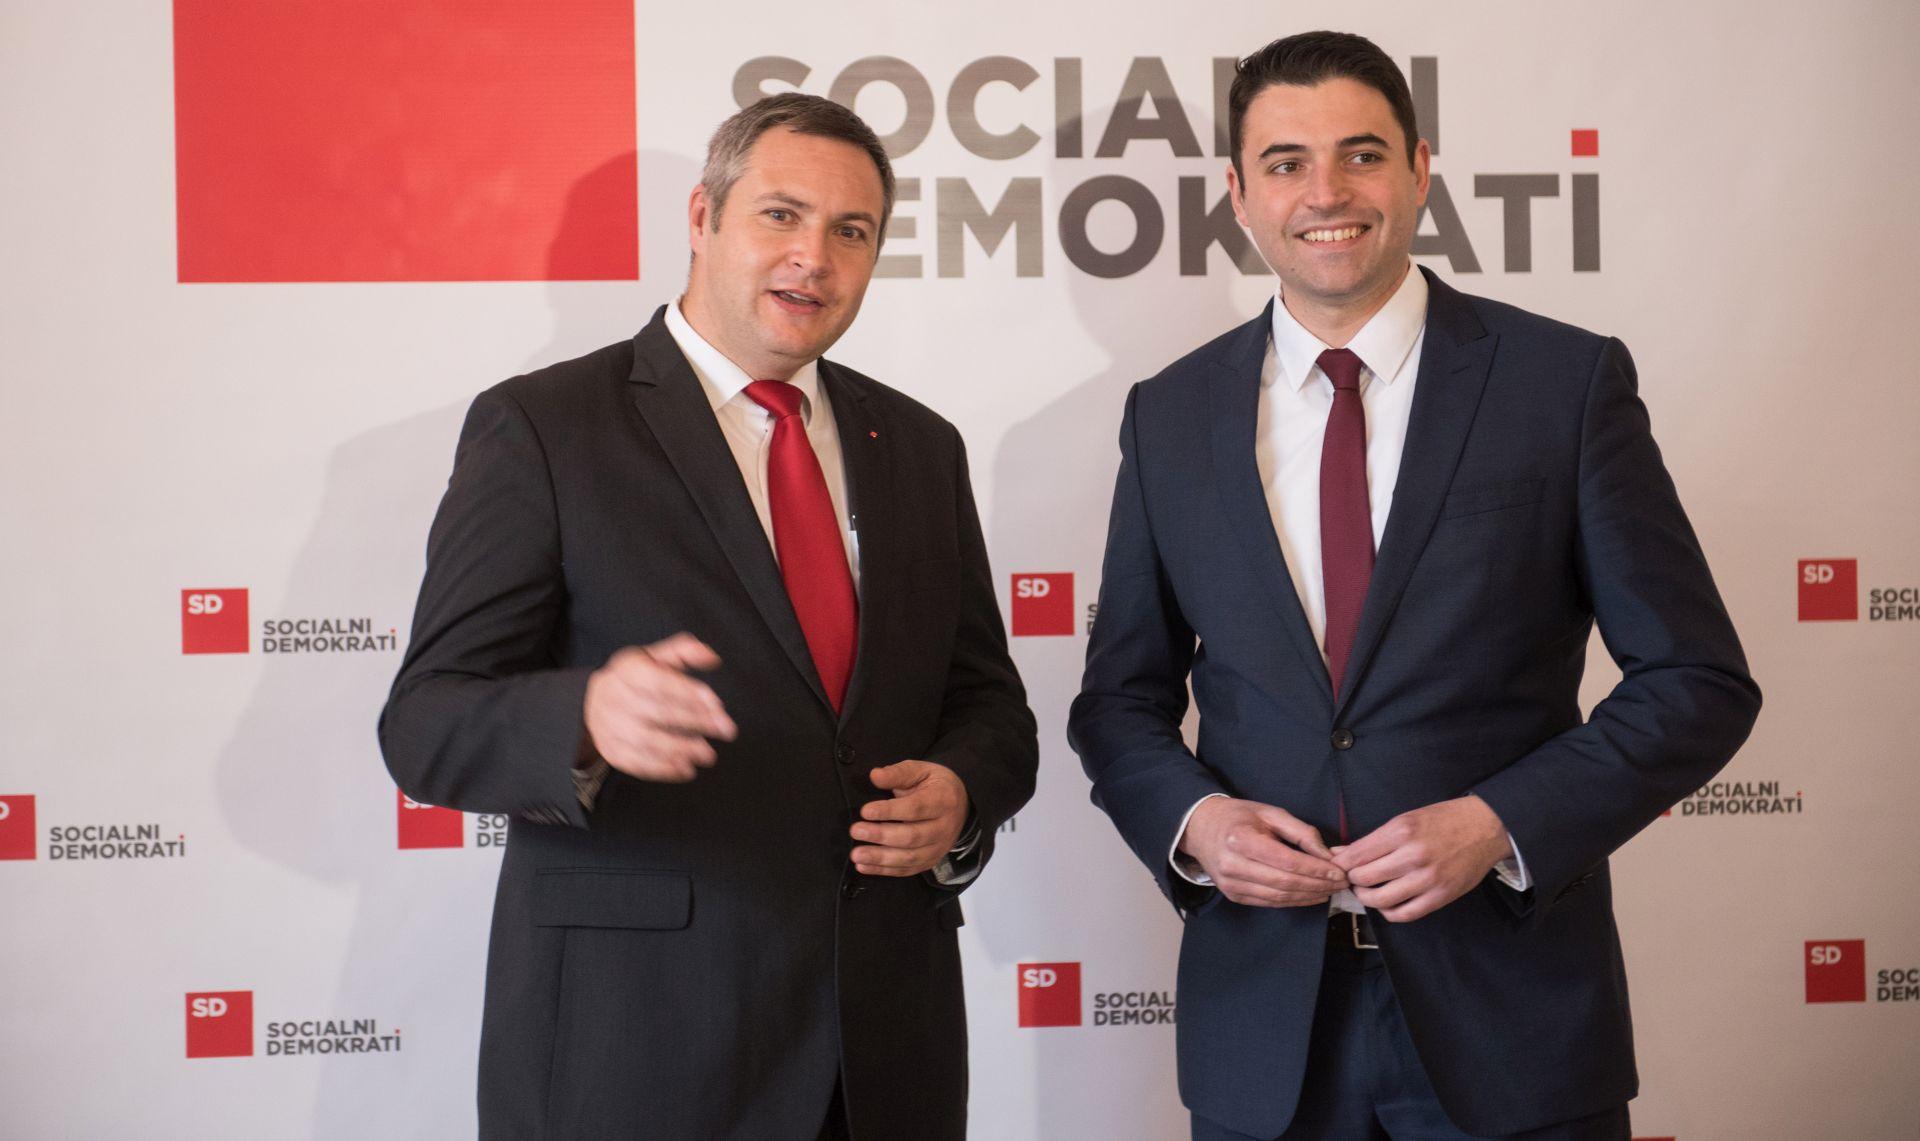 Izaslanstvo SDP-a sa slovenskim socijaldemokratima o pozitivnim aspektima odnosa dviju zemalja